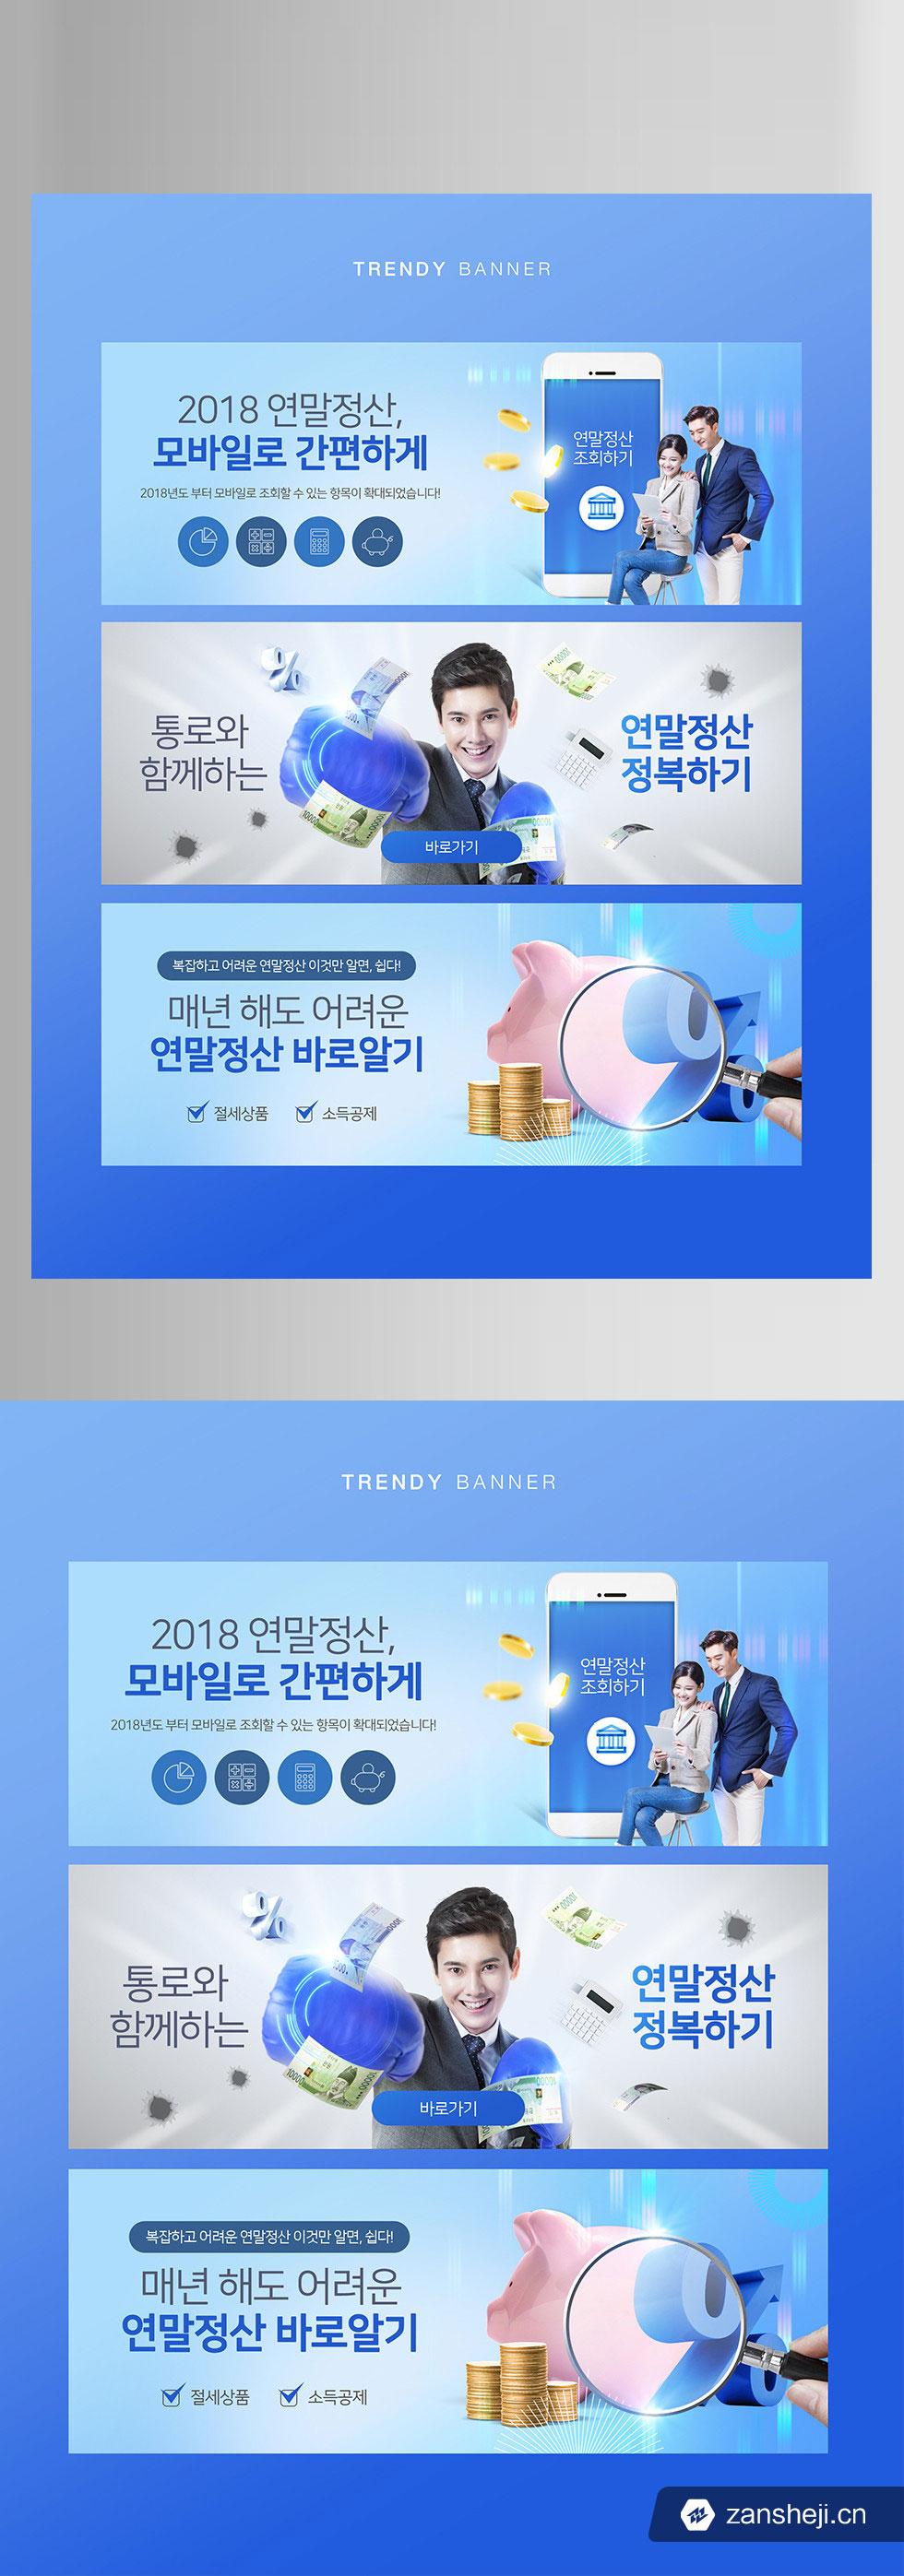 金融财务银行理财产品宣传广告图banner海报PSD设计素材模板(1)